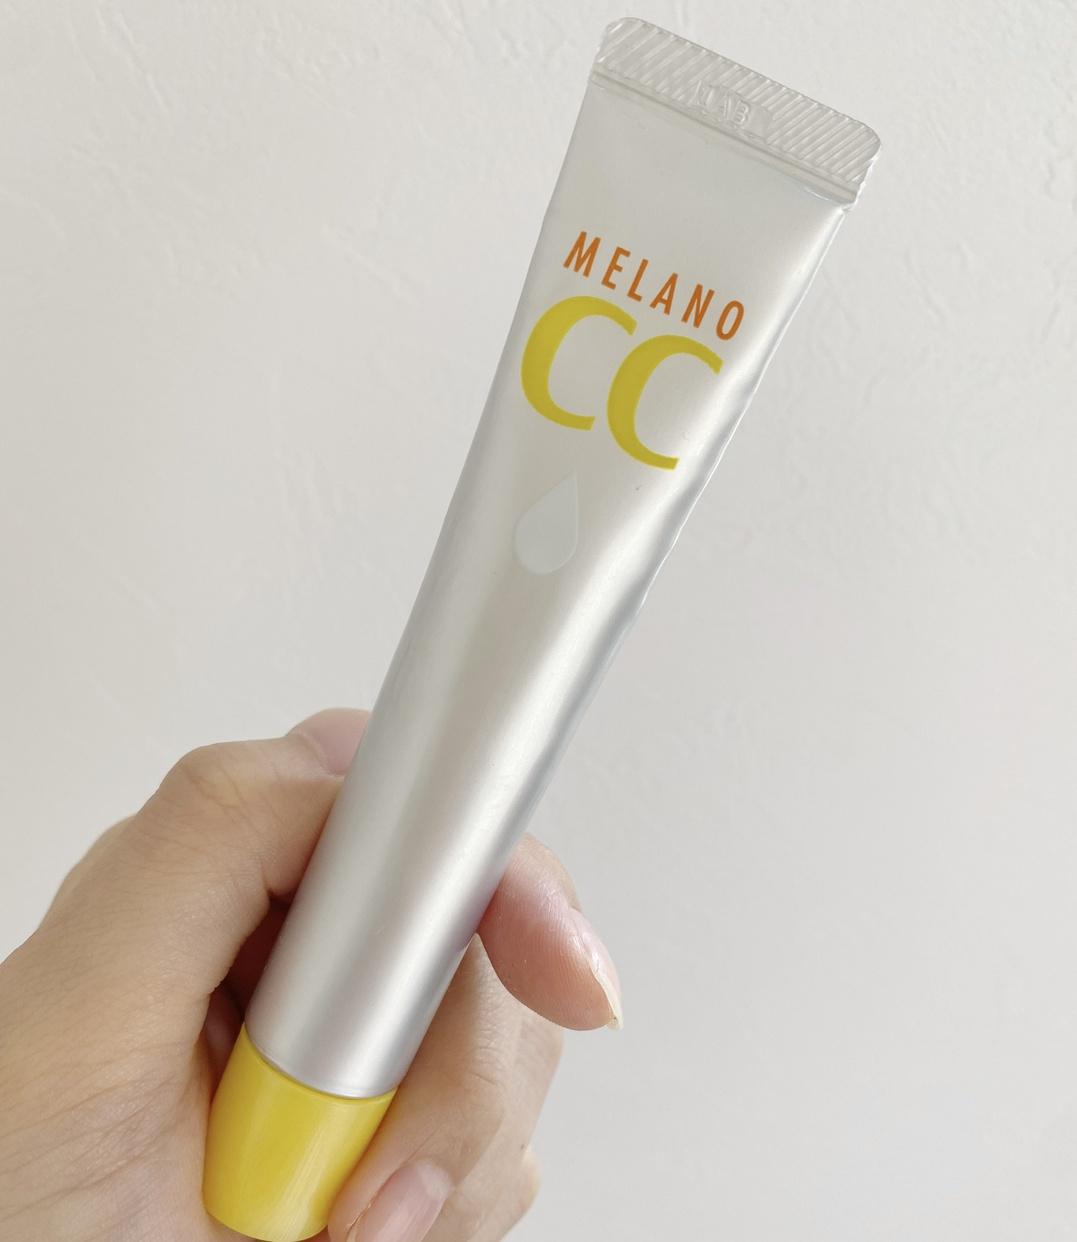 メラノCC 薬用 しみ 集中対策 美容液を使ったたむちゃんさんのクチコミ画像1